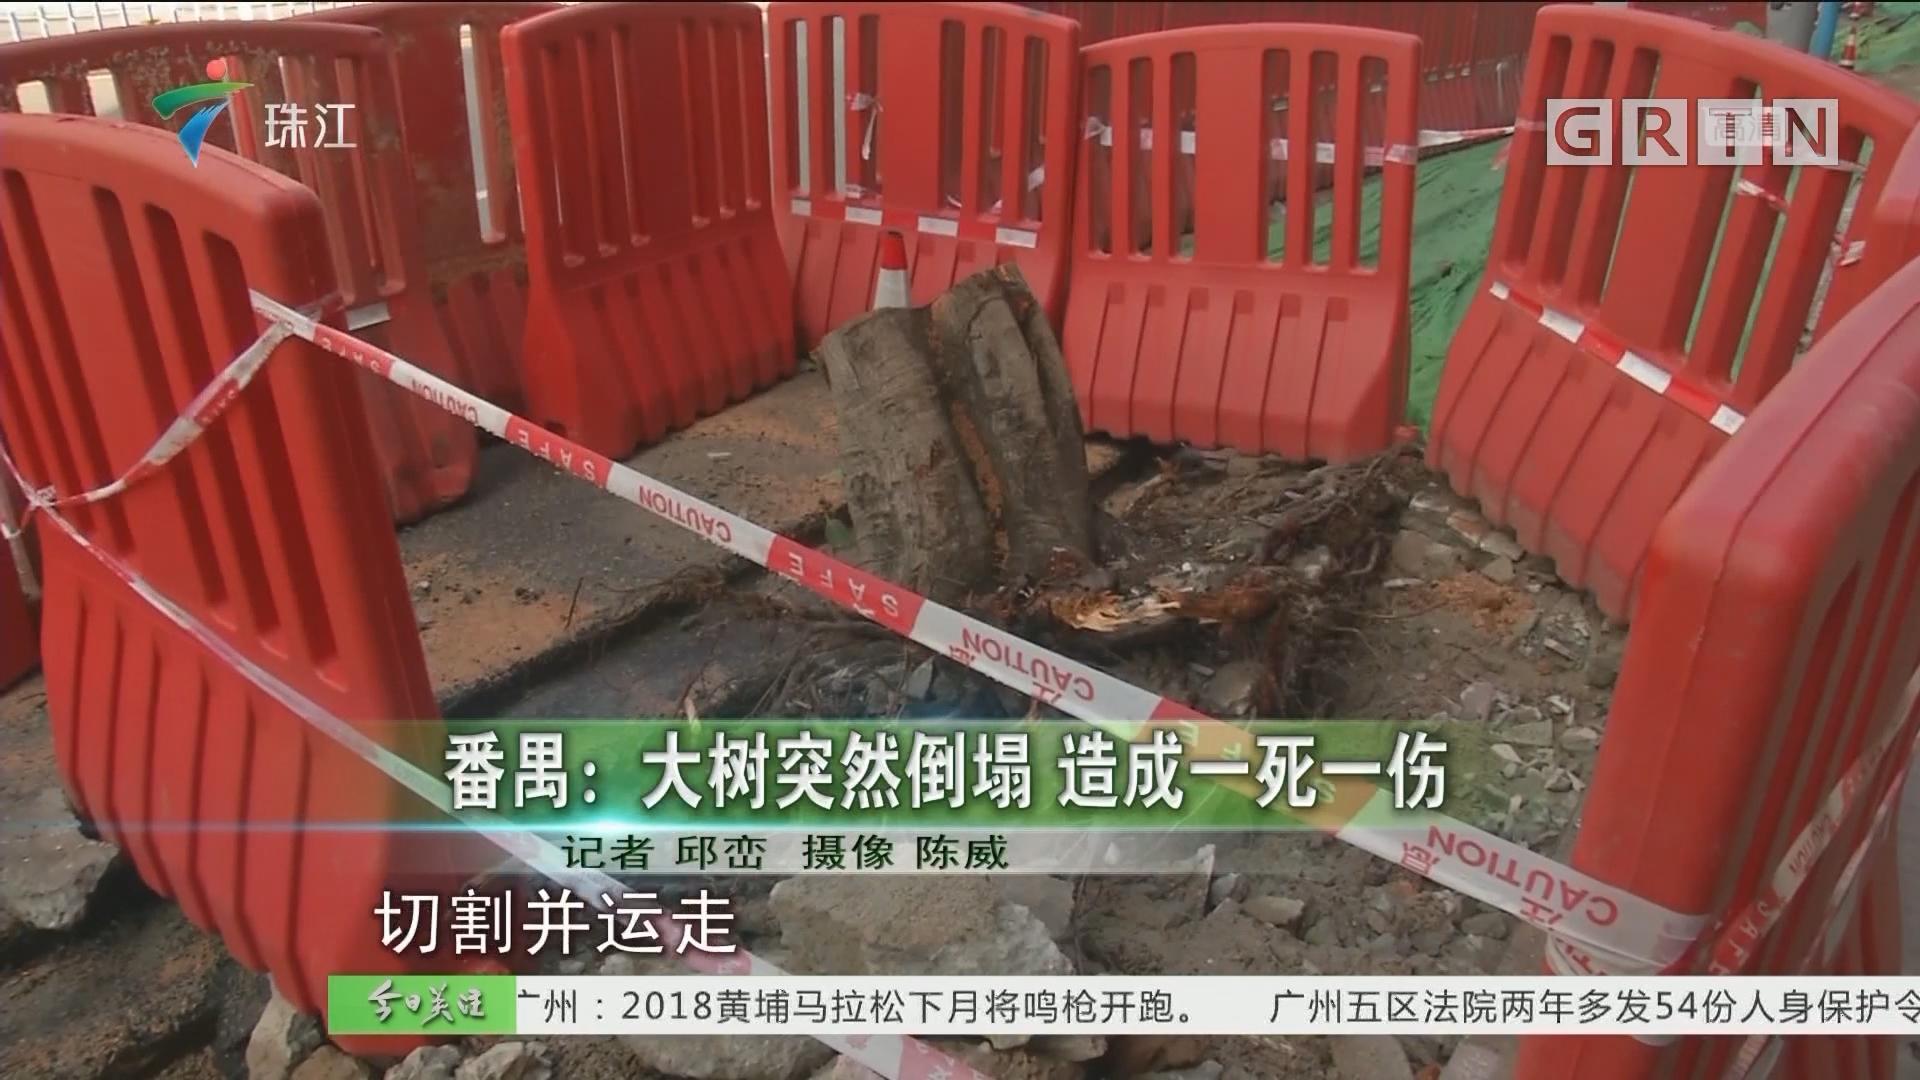 番禺:大树突然倒塌 造成一死一伤